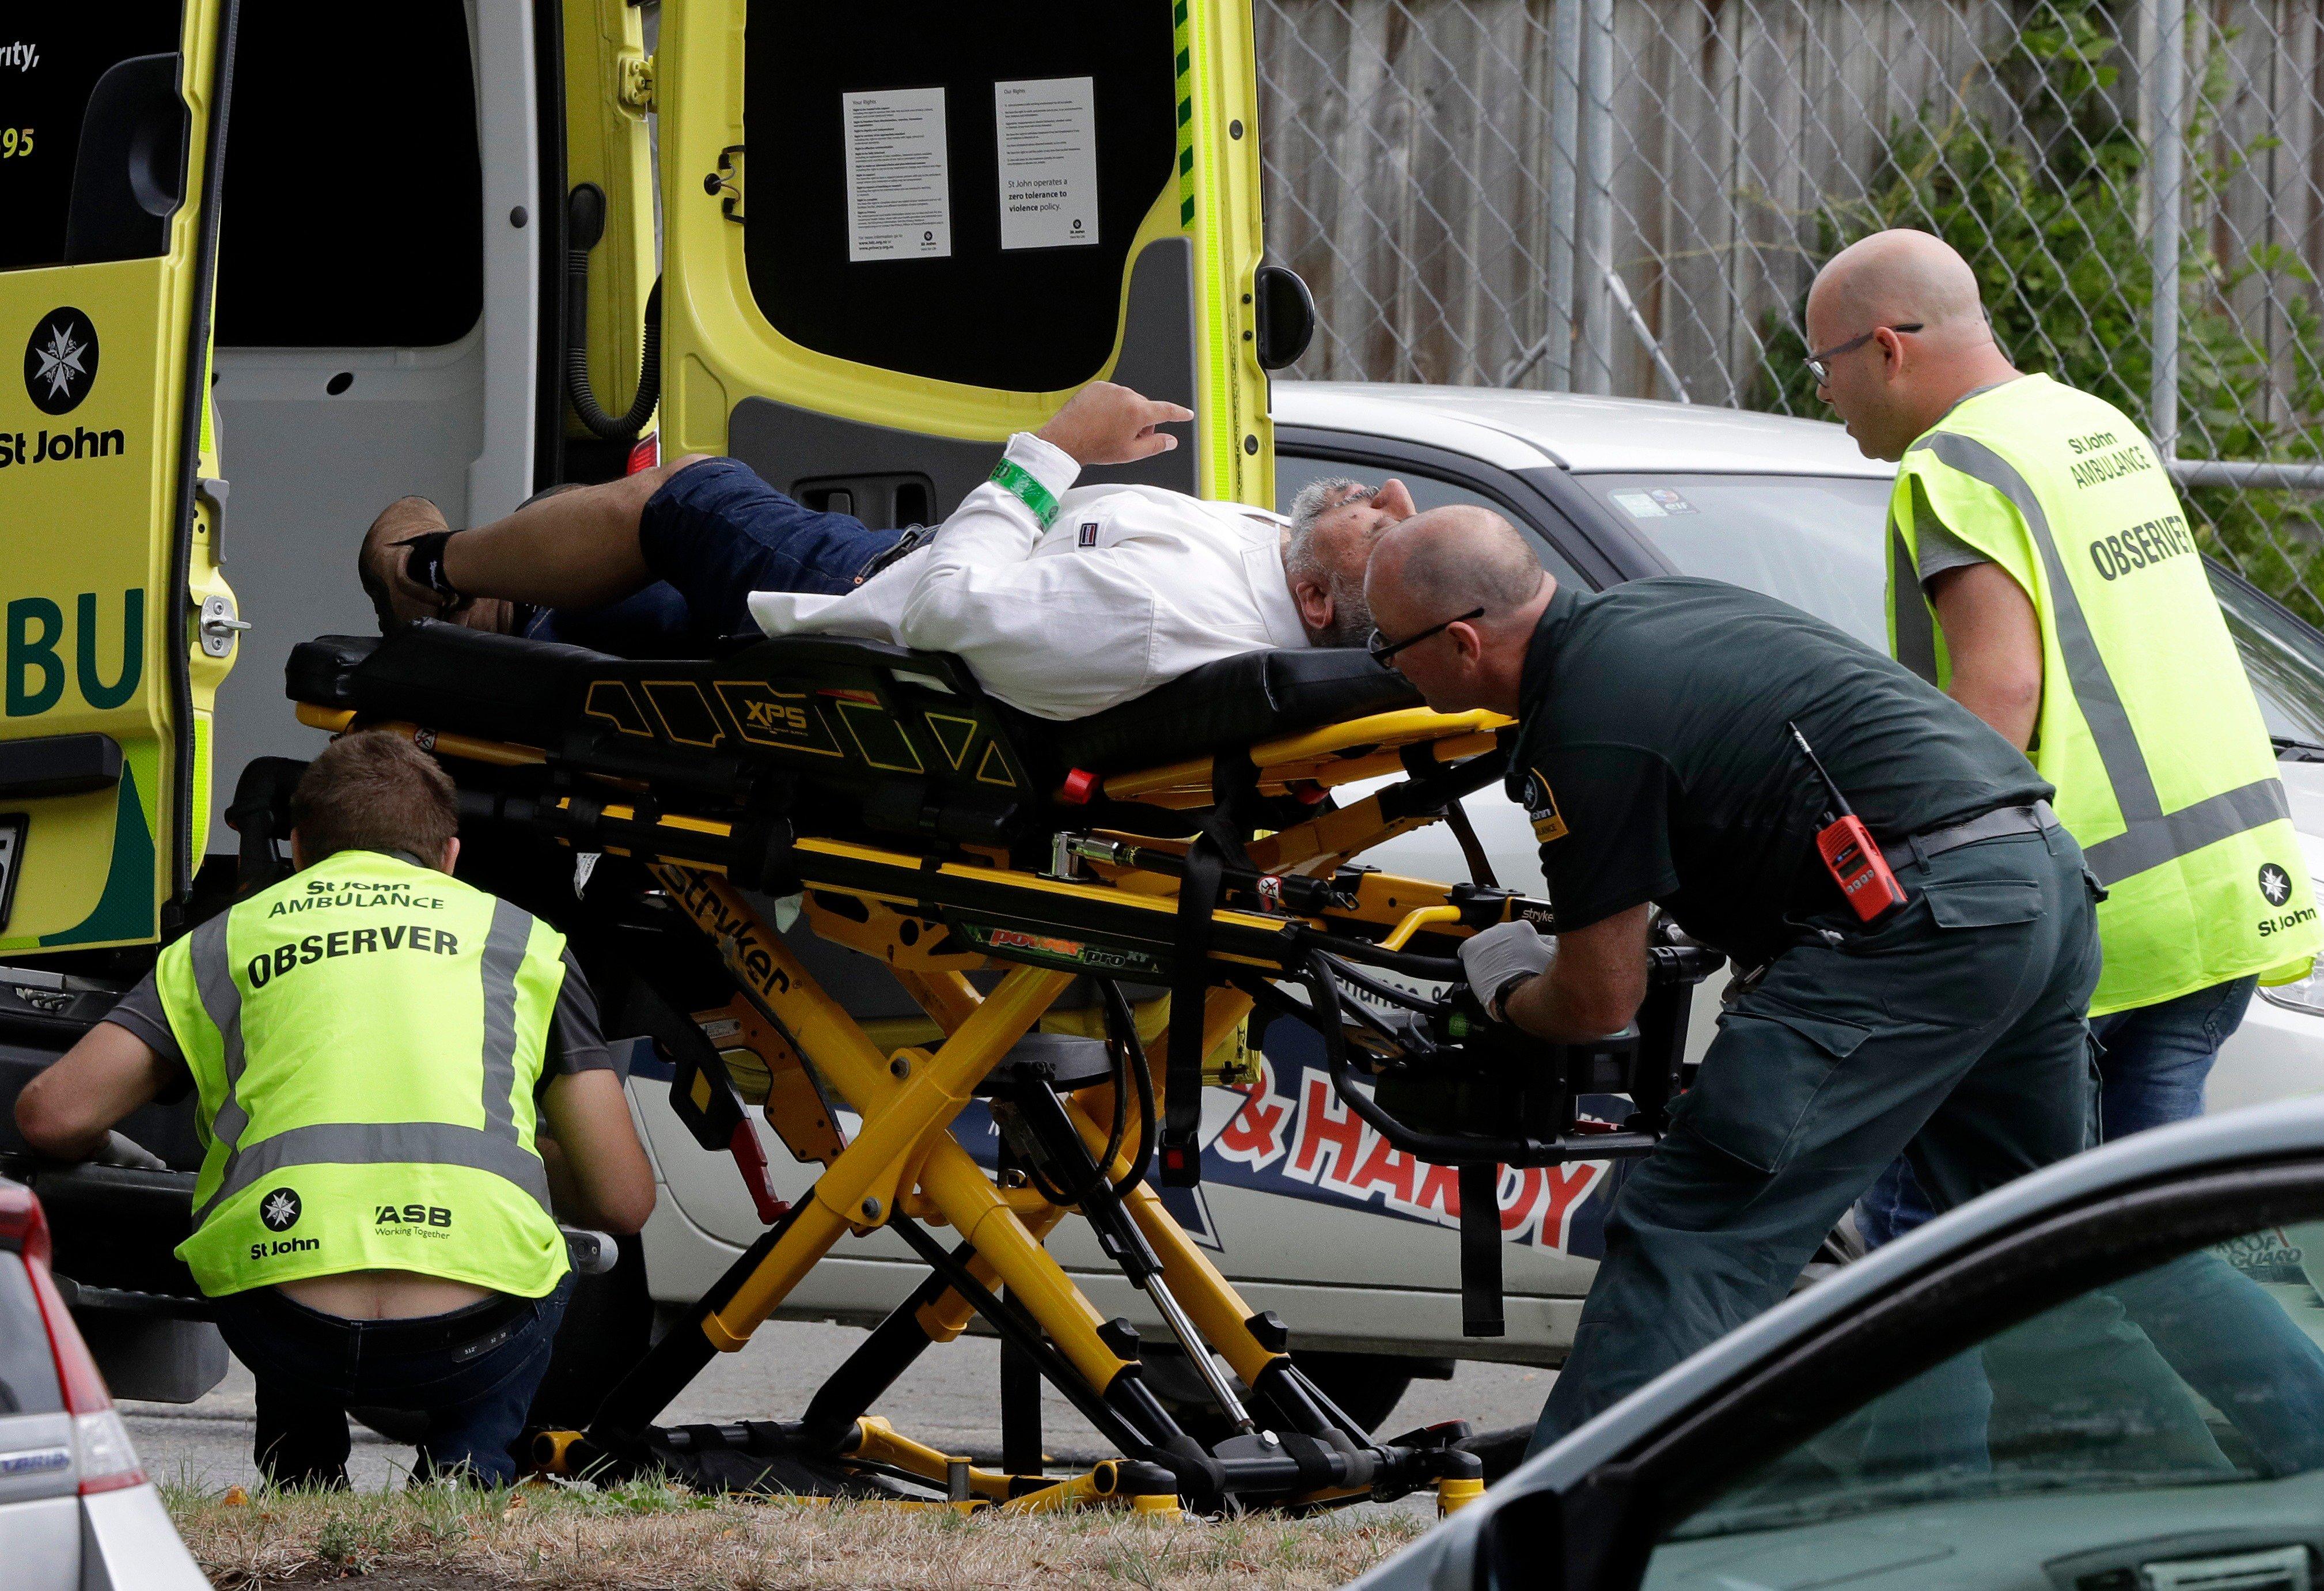 मस्जिद पर आतंकी हमला: मुस्लिम देशों ने न्यूज़ीलैंड सरकार से सख्त कार्रवाई करने की मांग की!